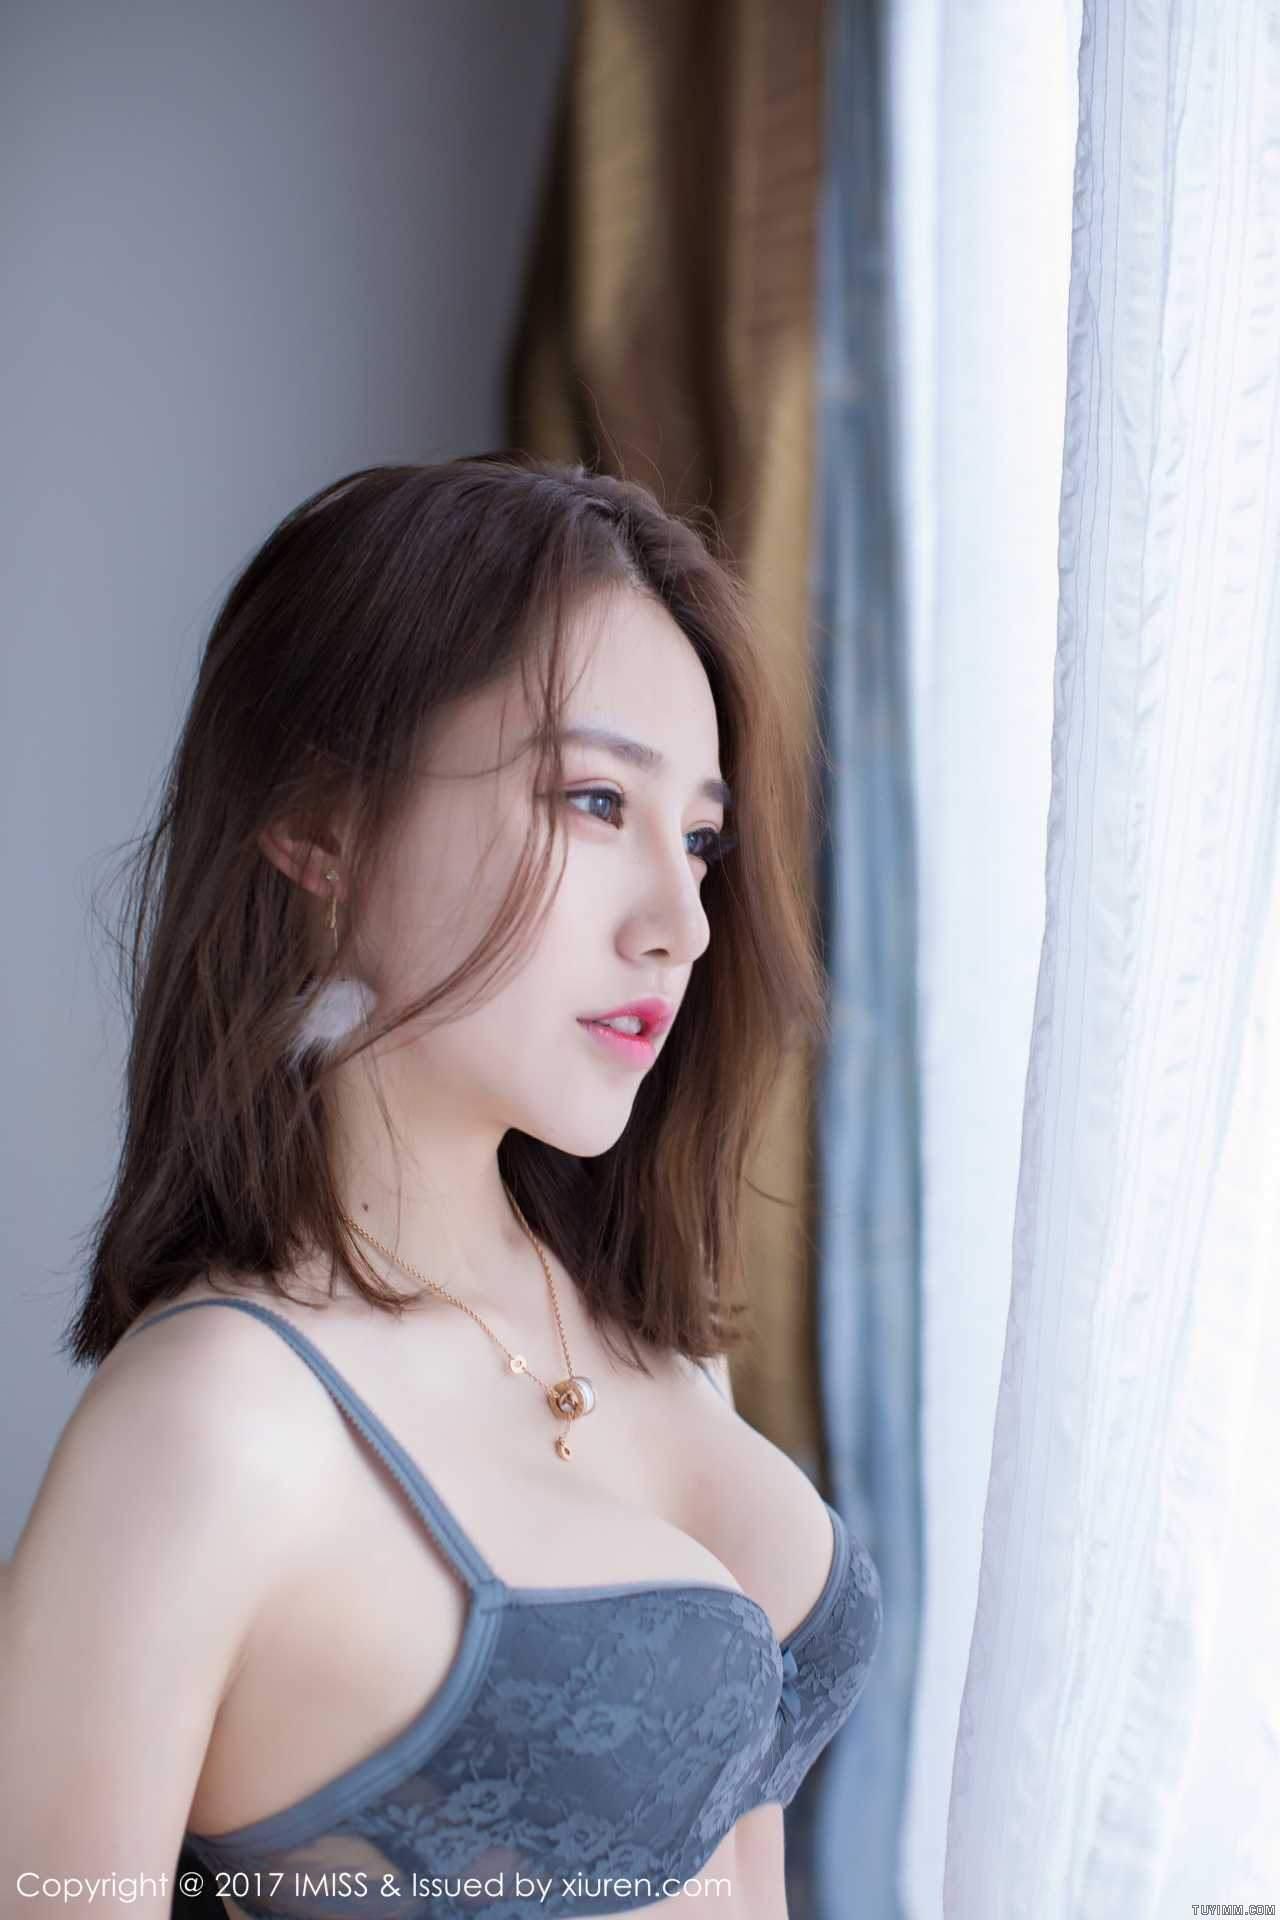 IMISS爱蜜社 2017.09.07 VOL.186 刘奕宁Lynn-第15张图片-哔哔娱乐网